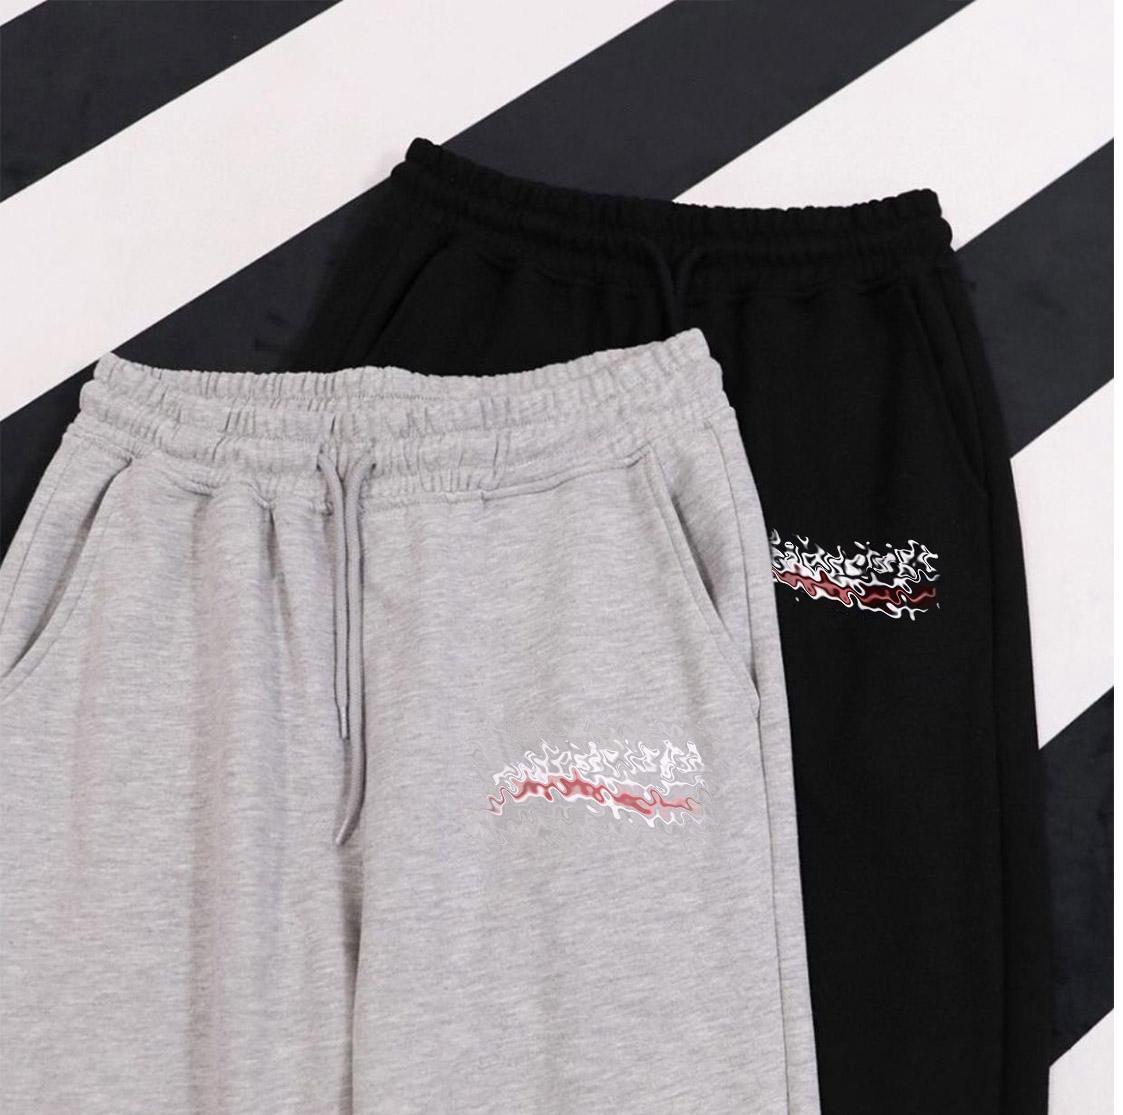 Mulheres Pant Mulher Harem Calças Homens Casual Pant Pant Primavera Verão New Streetwear Moda de Alta Qualidade Elástica Cintura Calças Quente 2021 Preto